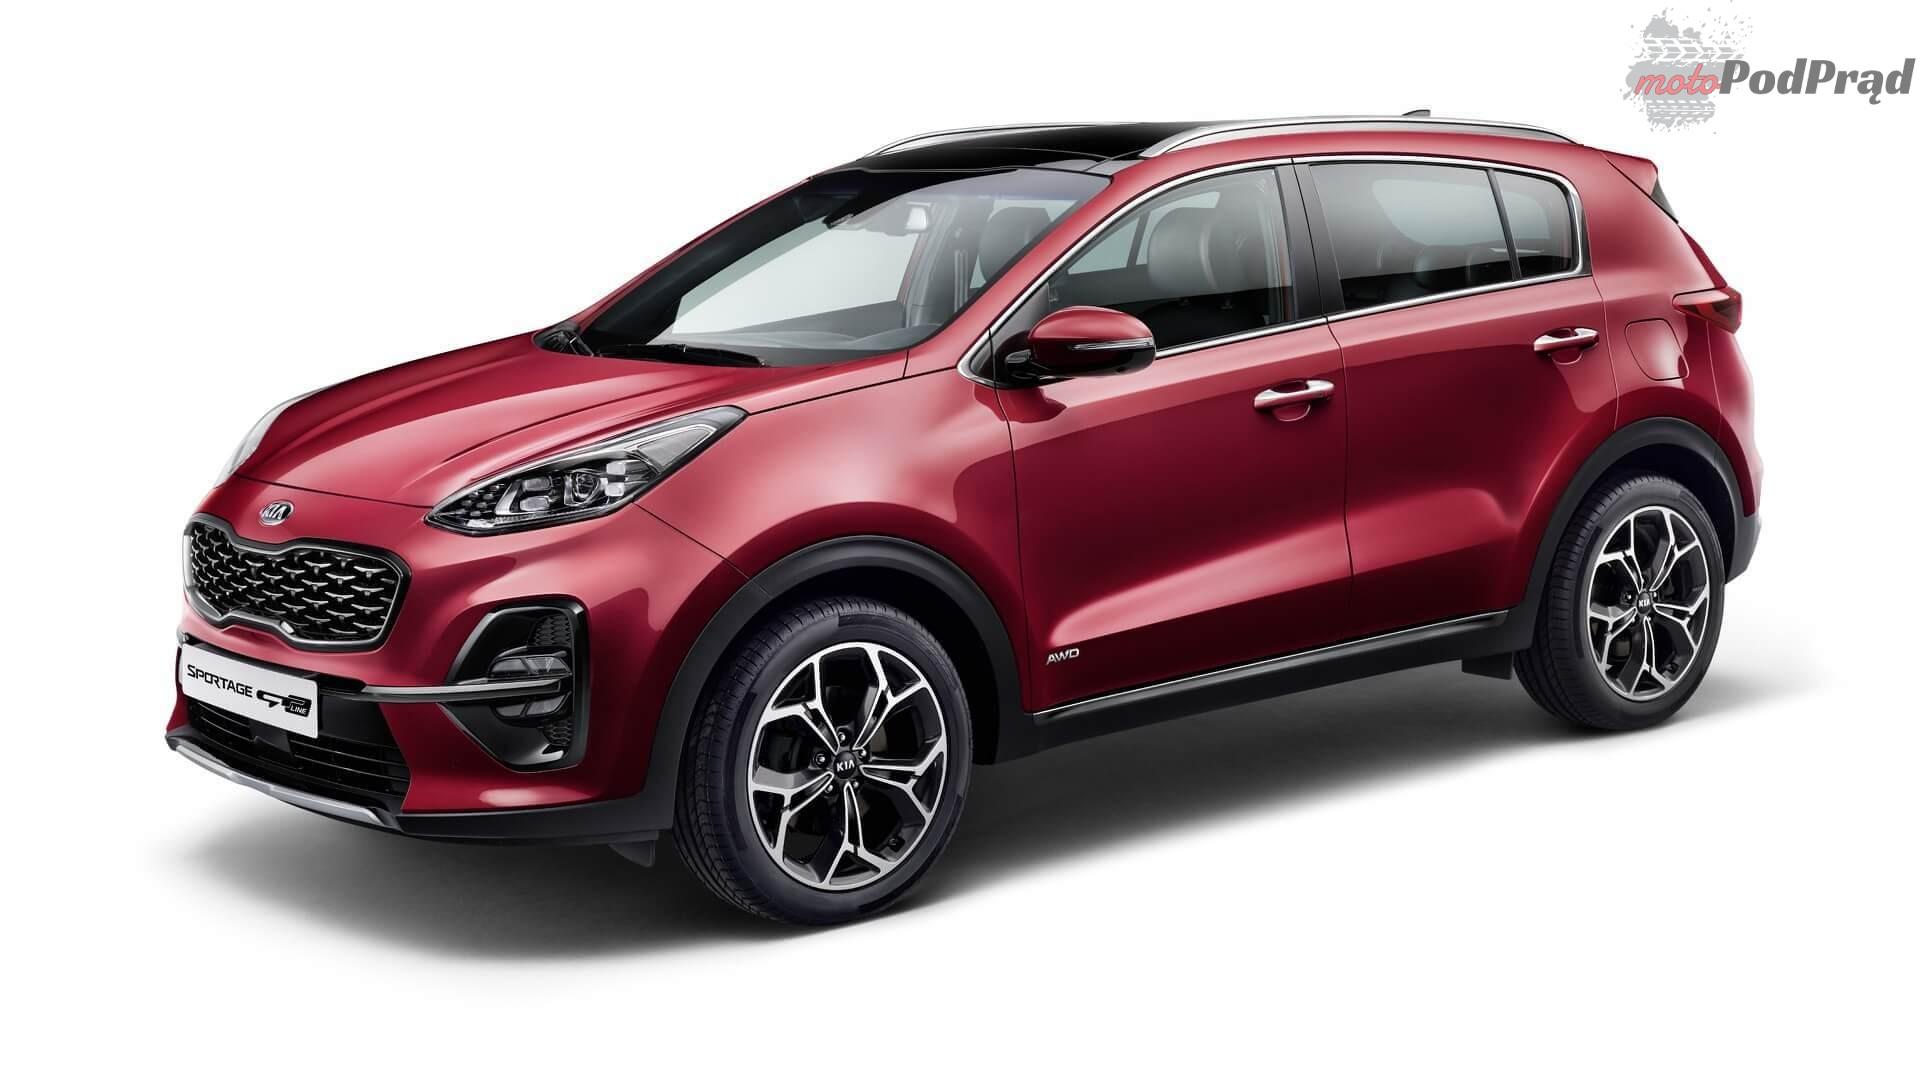 2019 kia sportage facelifting 01 Najlepiej sprzedające się SUV y w Polsce